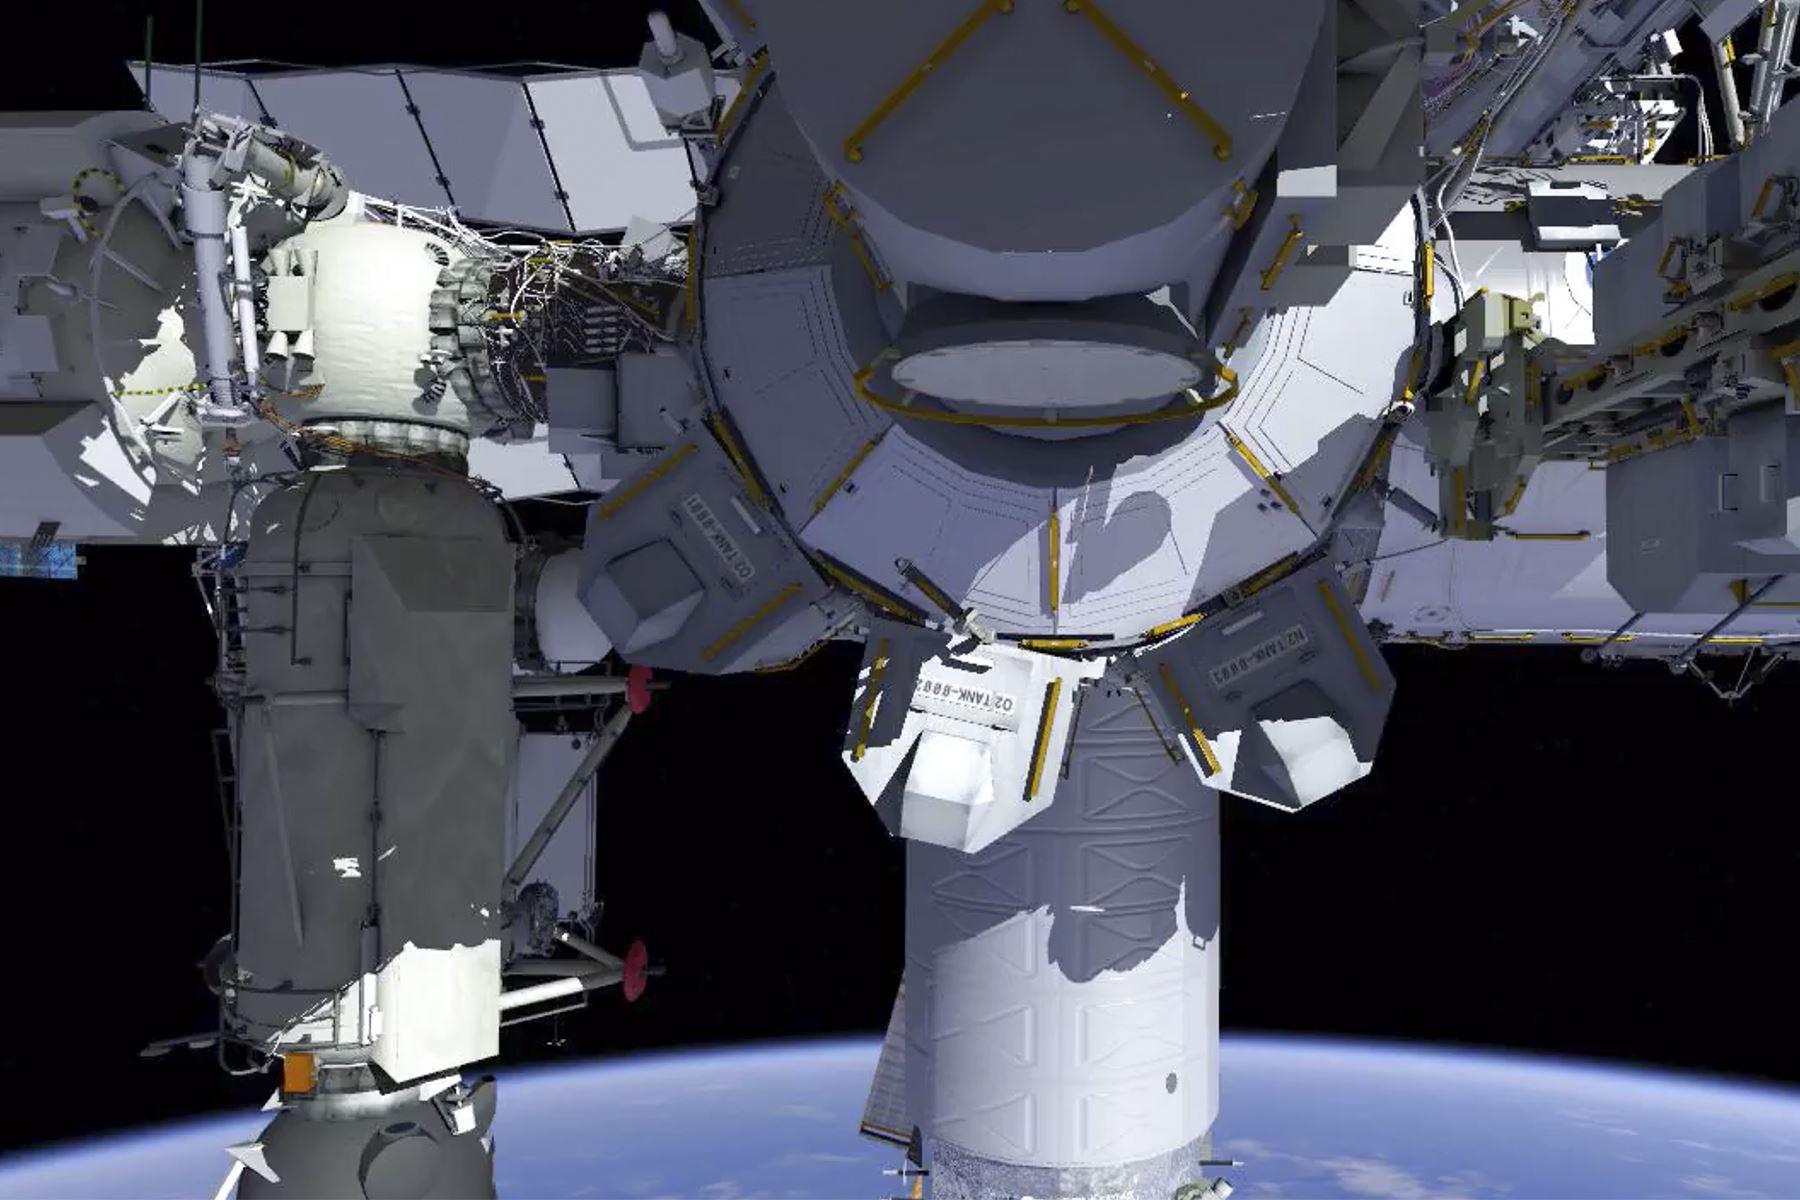 Esos paneles solares se enviarán en las próximas misiones de carga de Space Dragon para su instalación este año. Foto: NASA